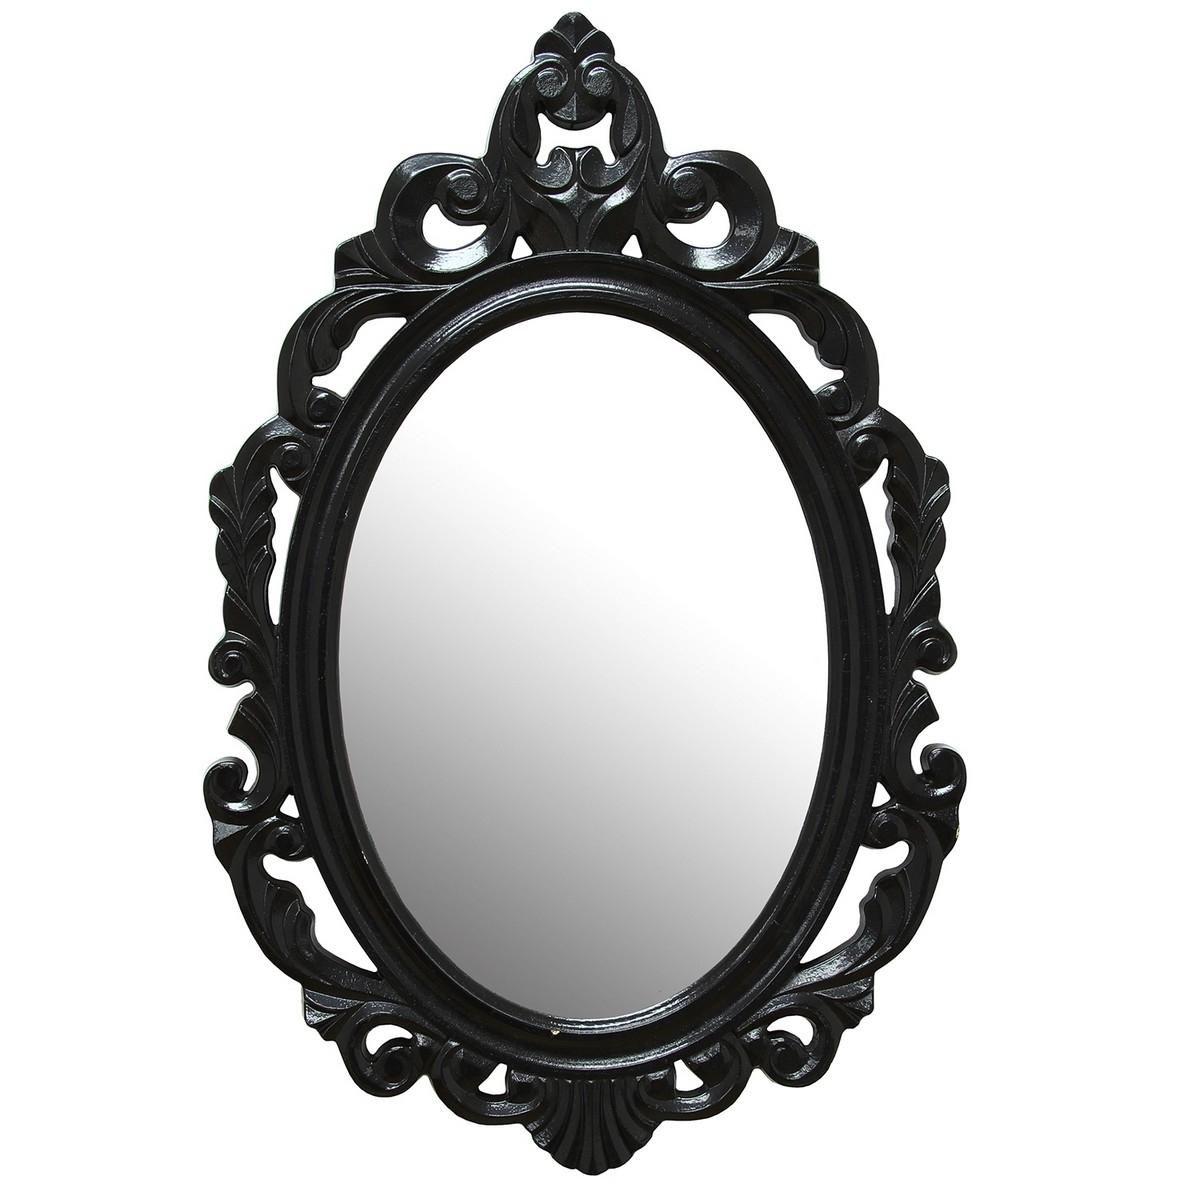 Stratton Home Decor Black Baroque Mirror Black Shd0059 At Regarding Baroque Mirror Black (Image 13 of 15)